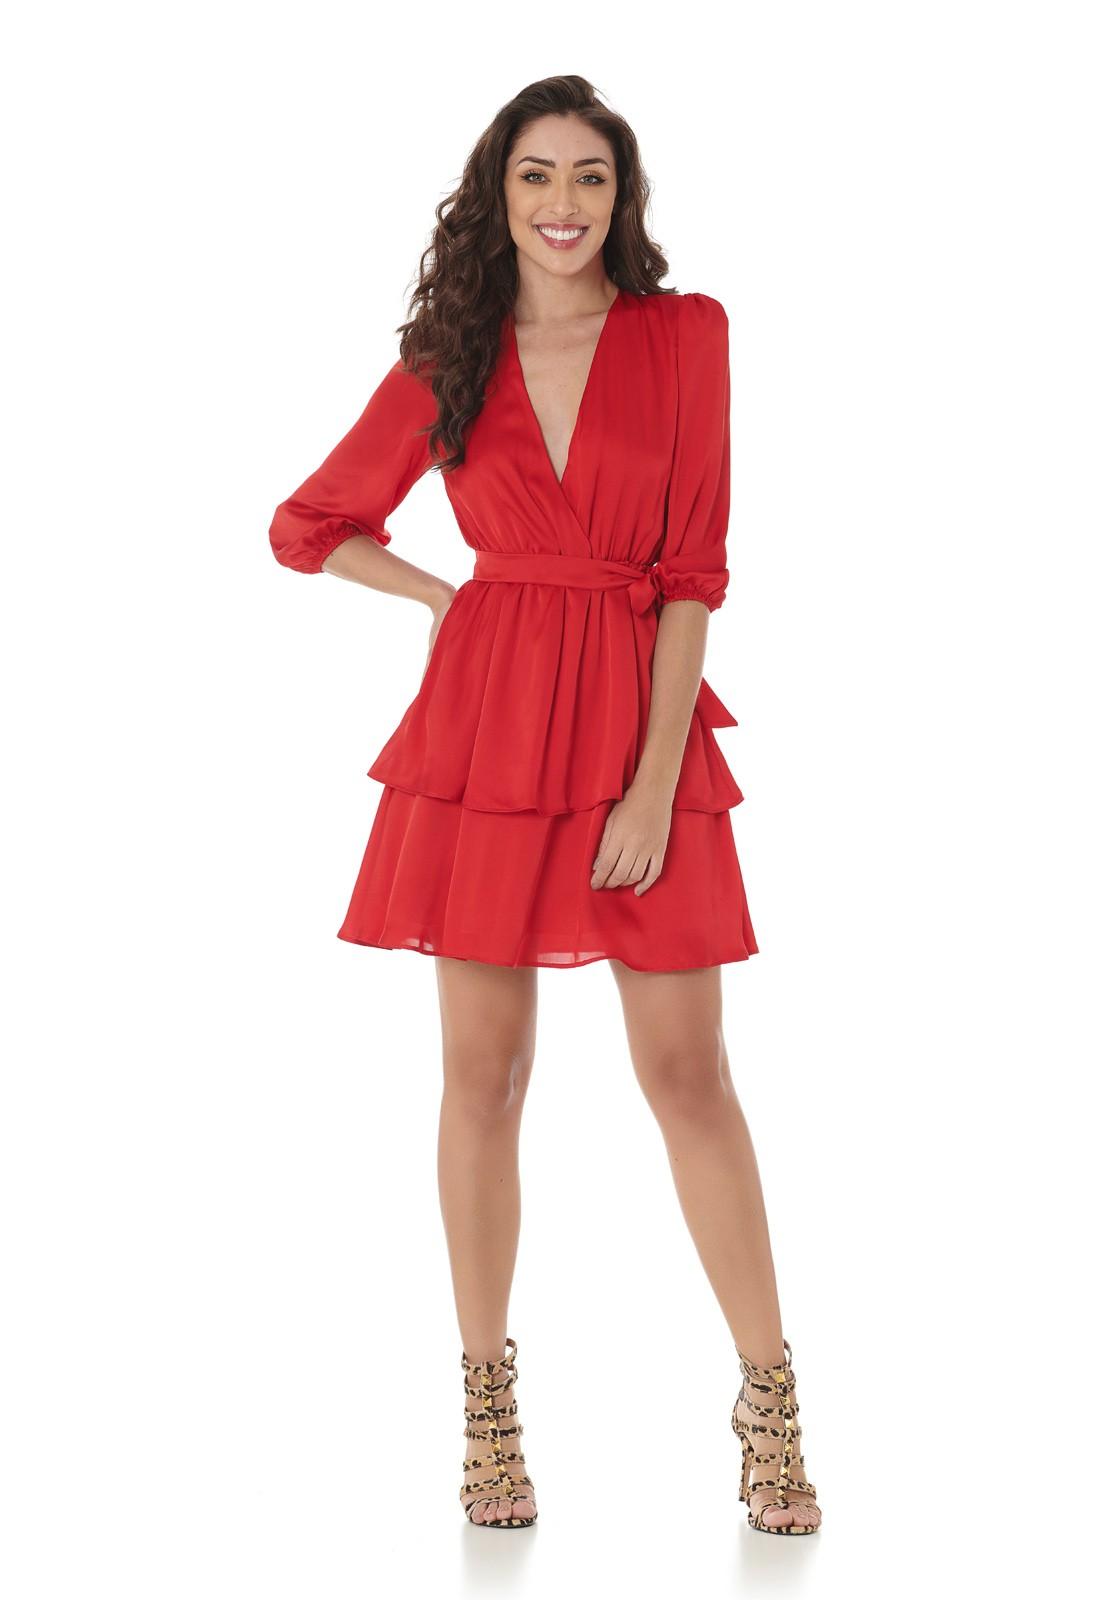 Vestido Curto Camadas Vermelho Lala Dubi